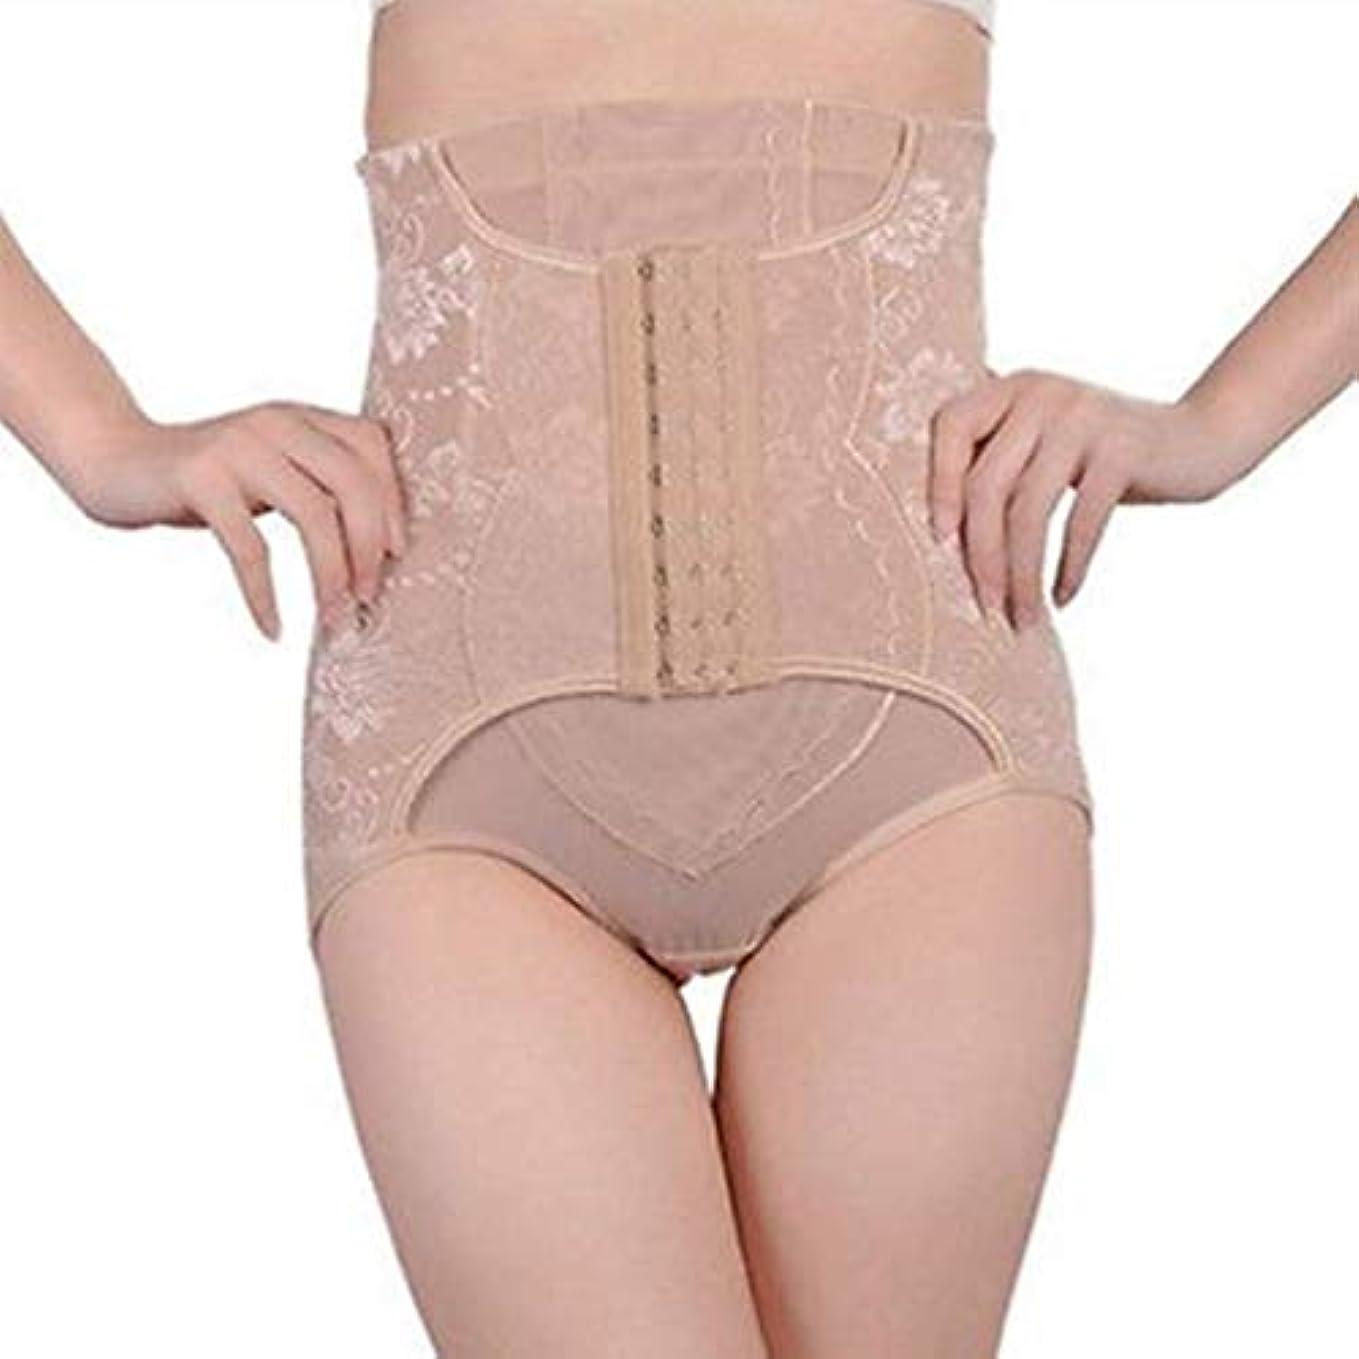 に応じてどこにでも家庭通気性の女性ハイウエスト下着ボディおなかコントロールシェイプウェアパンティスリム腹部ヒップバムリフター下着 - 肌XL